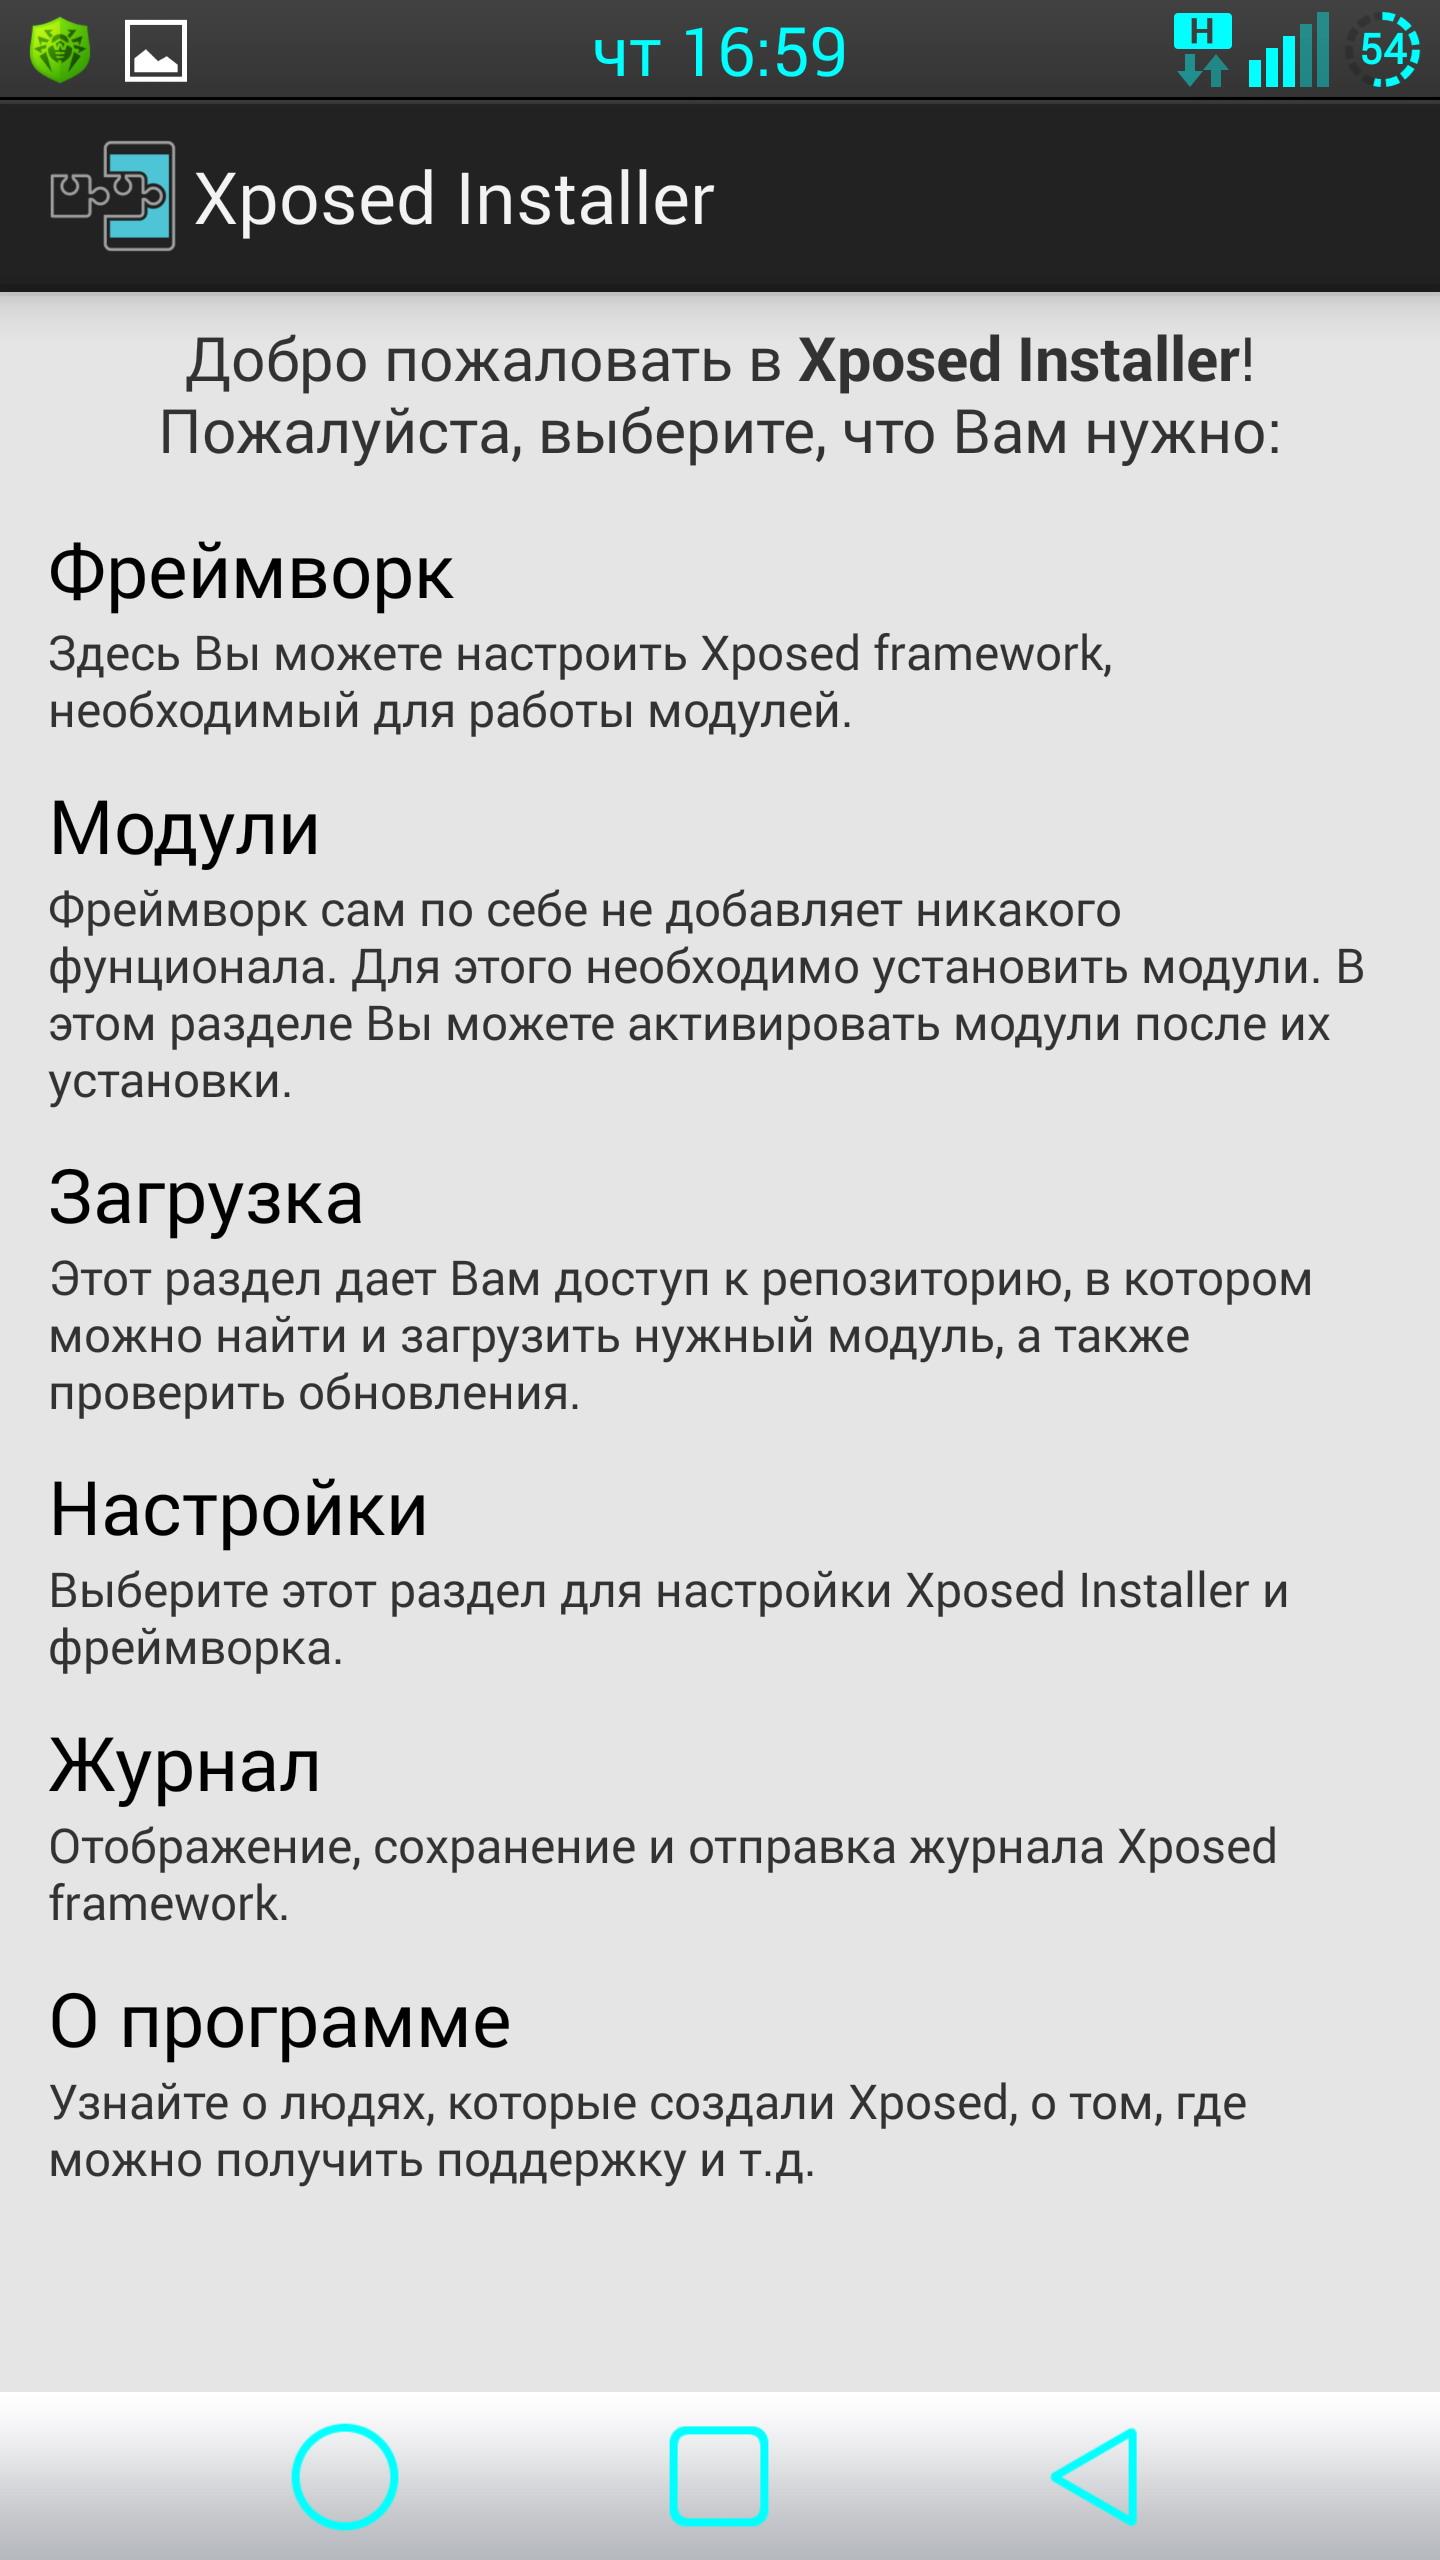 скачать xposed framework 2.4.1 с xda бесплатно